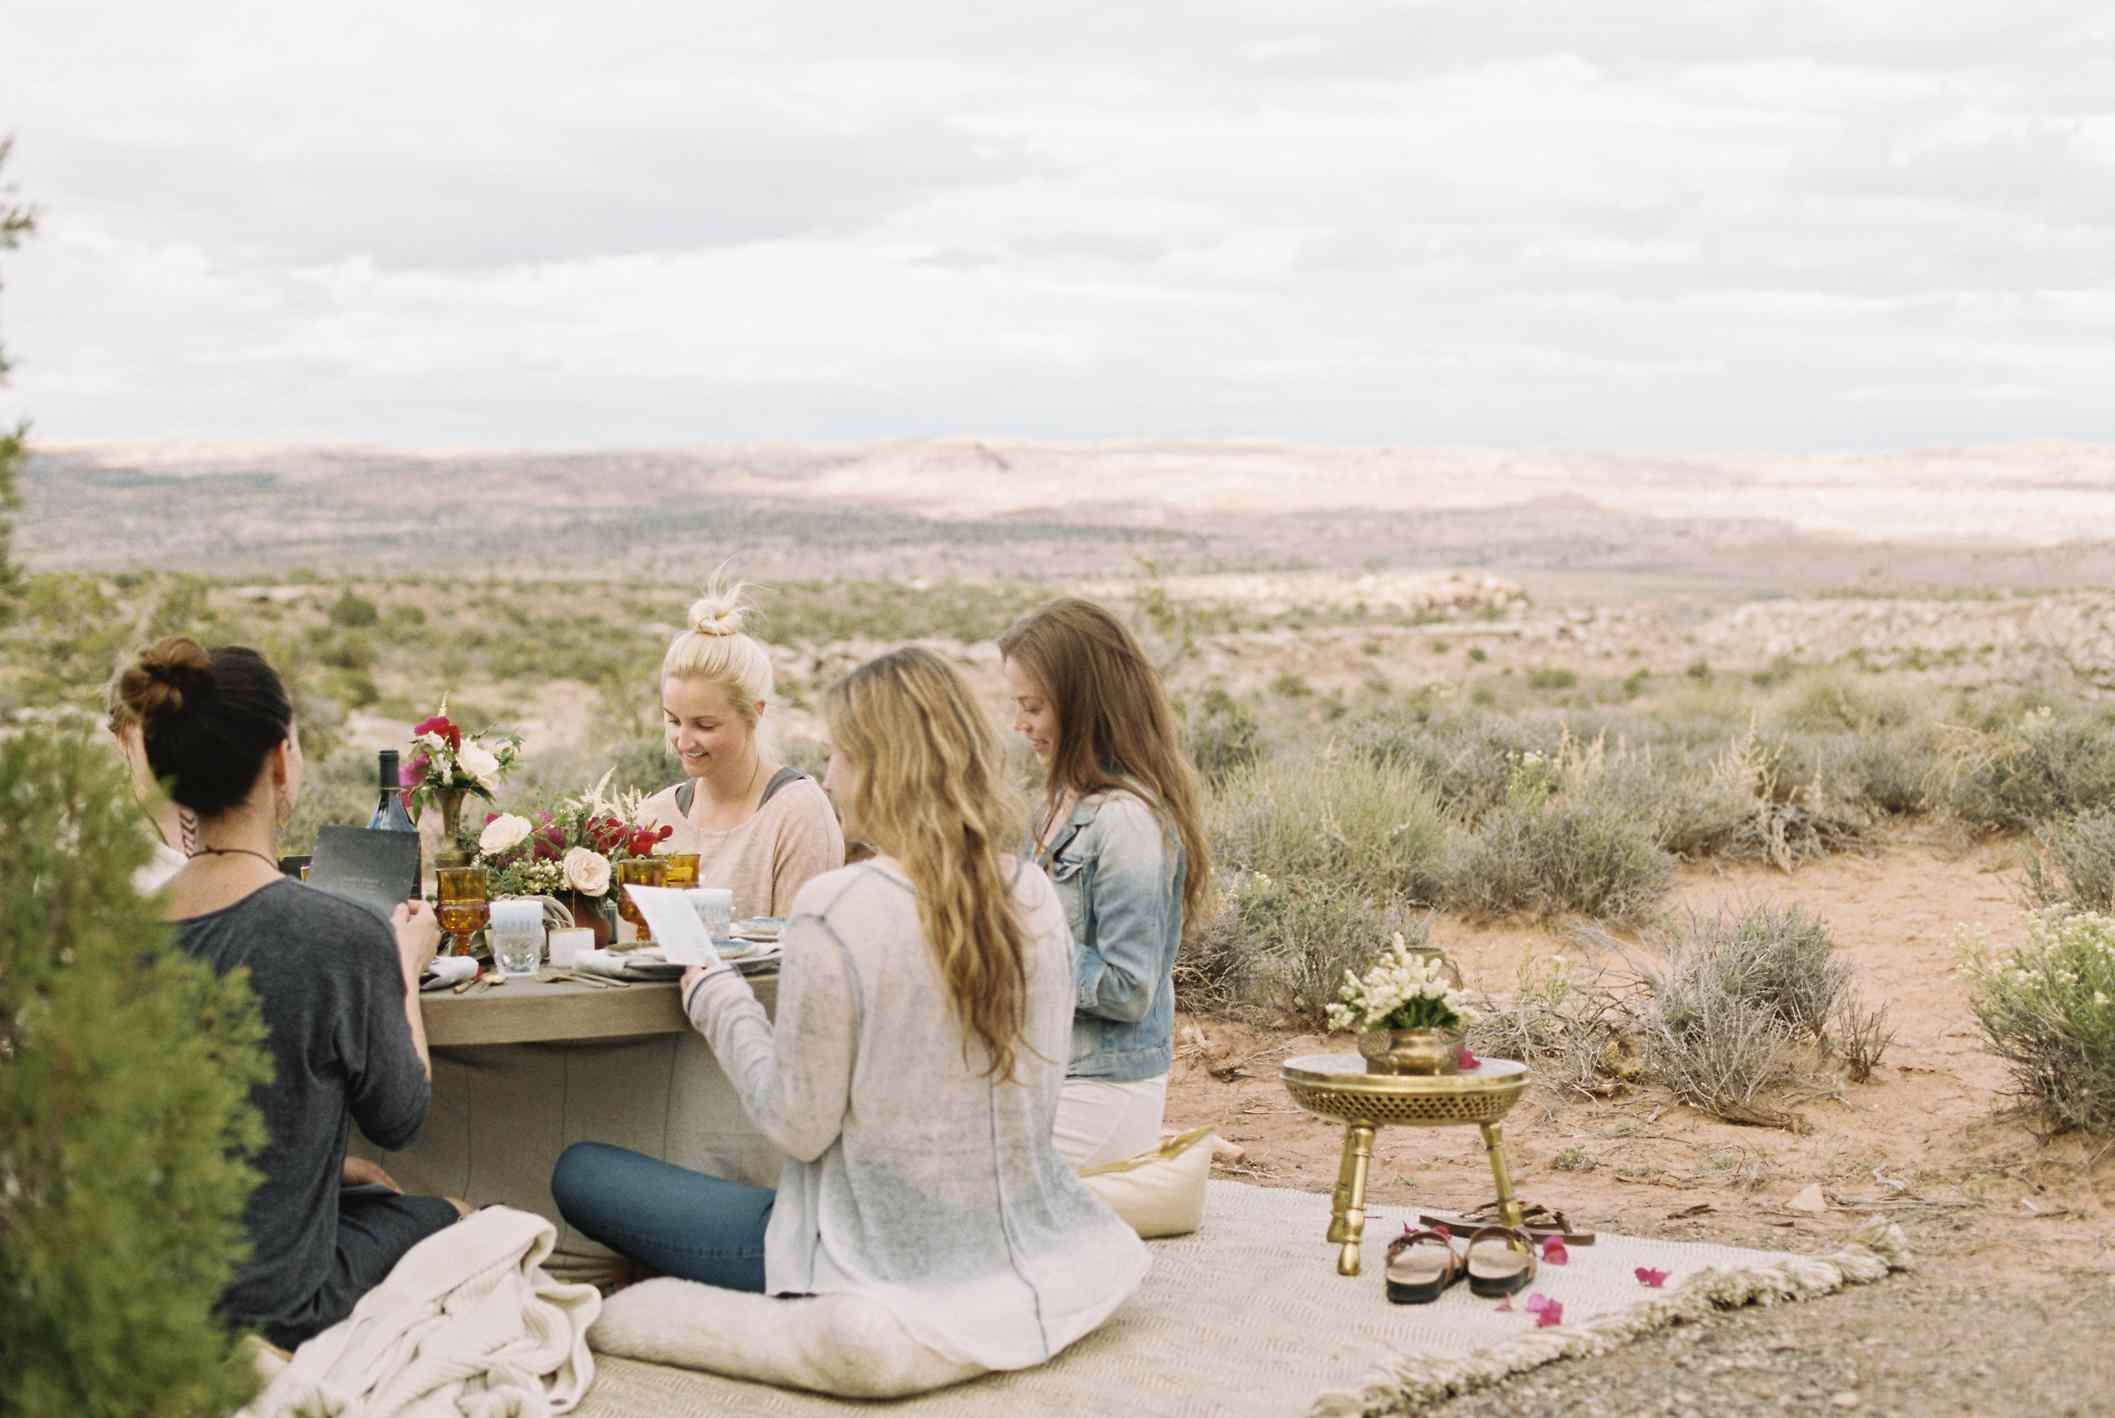 desert party